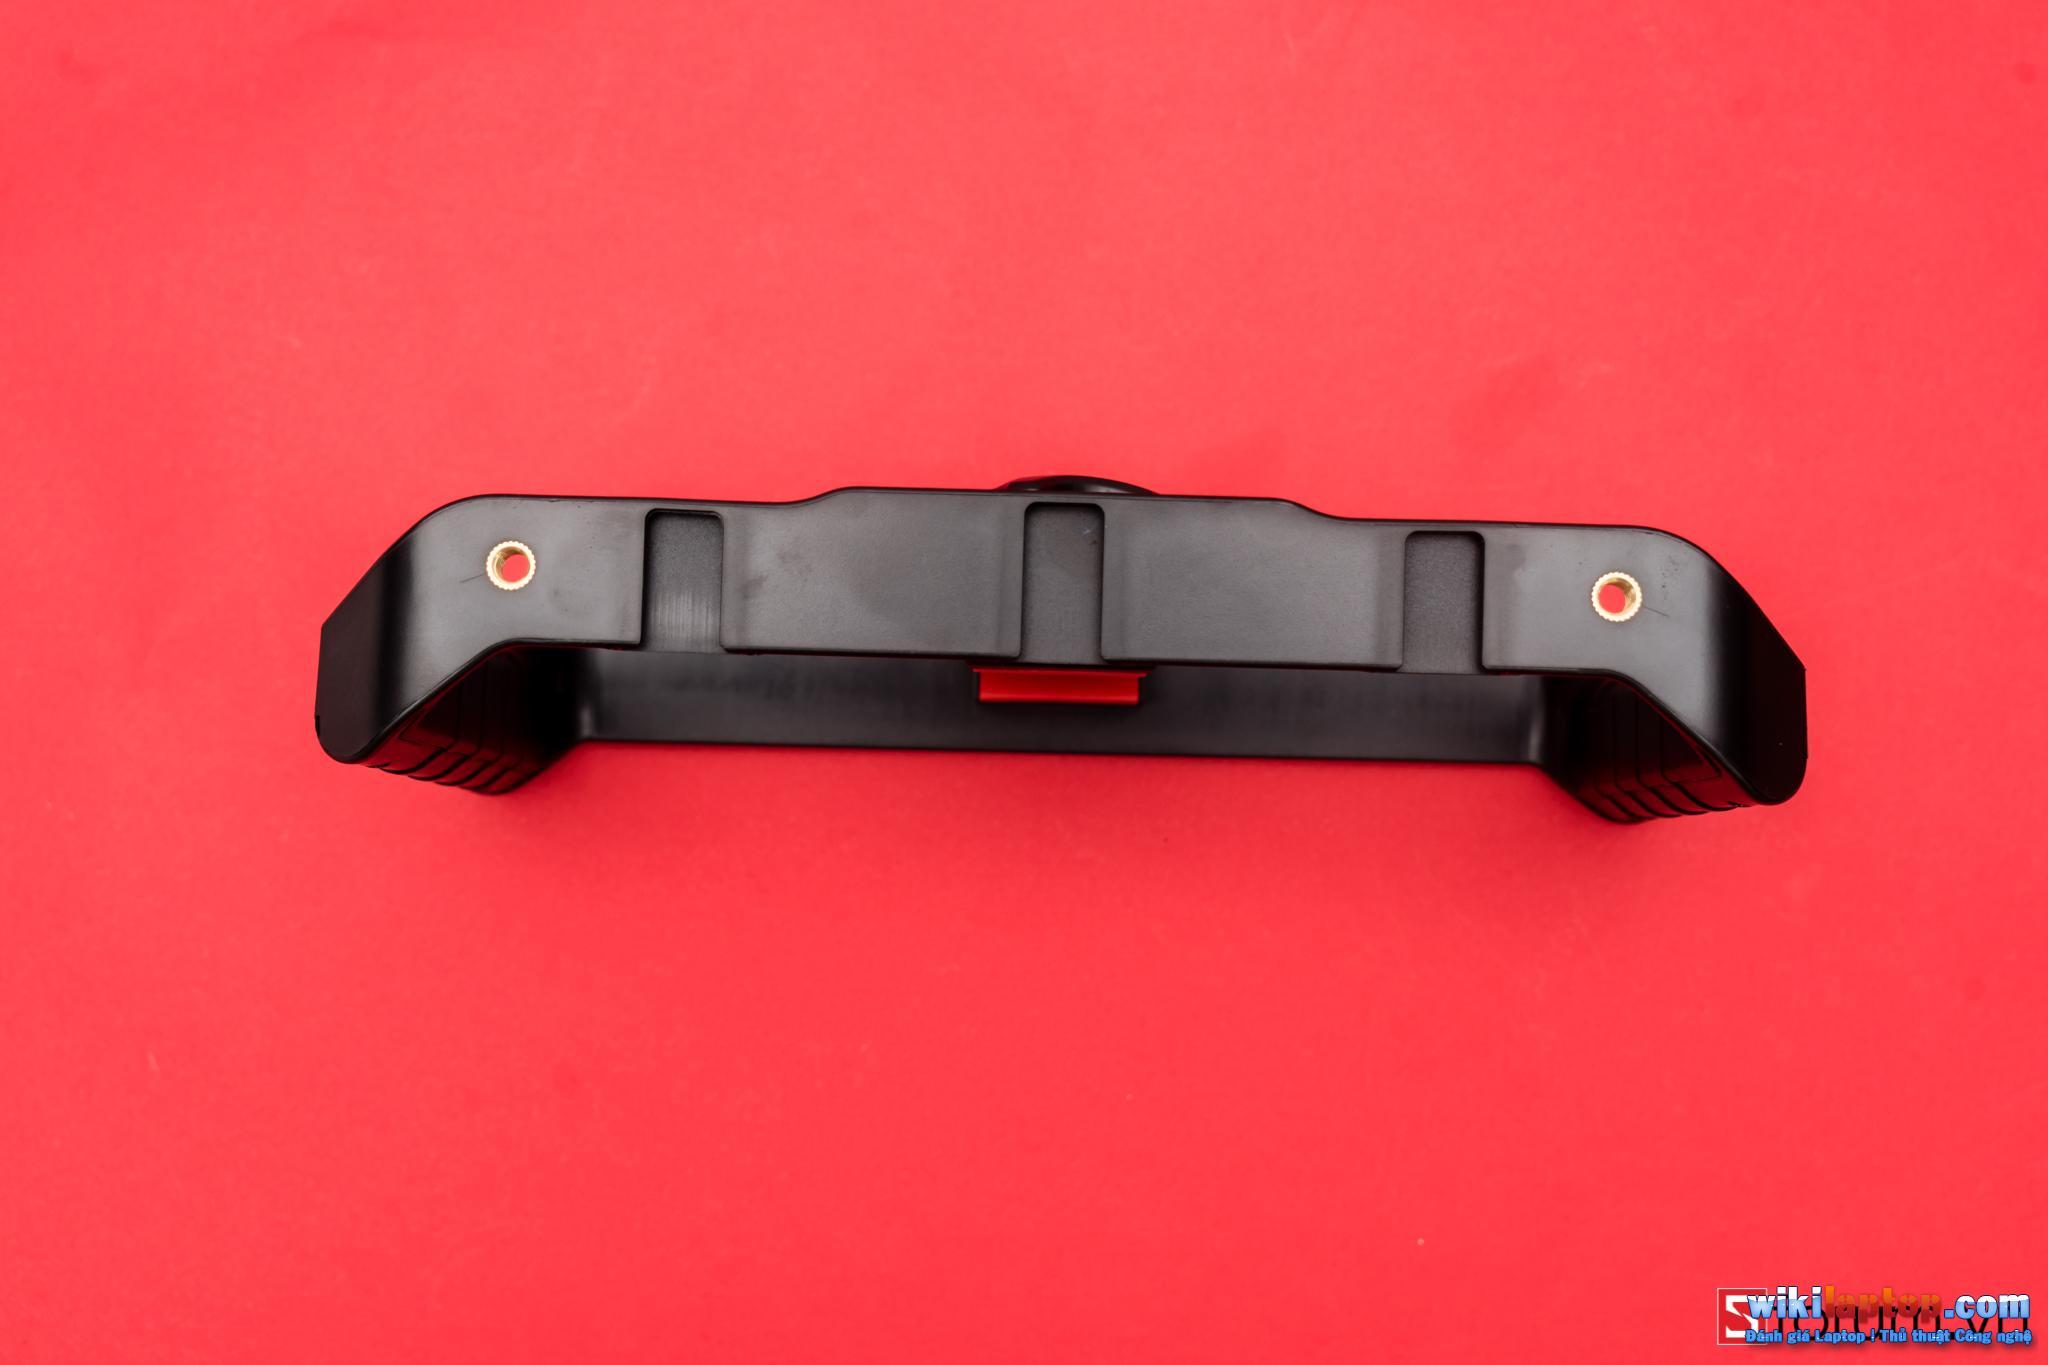 Sforum - Trang thông tin công nghệ mới nhất CPS-Combo-Quay Phim-So-2-10 Trải nghiệm Combo 2 Pro: Phim chống rung mà không cần gimbal?